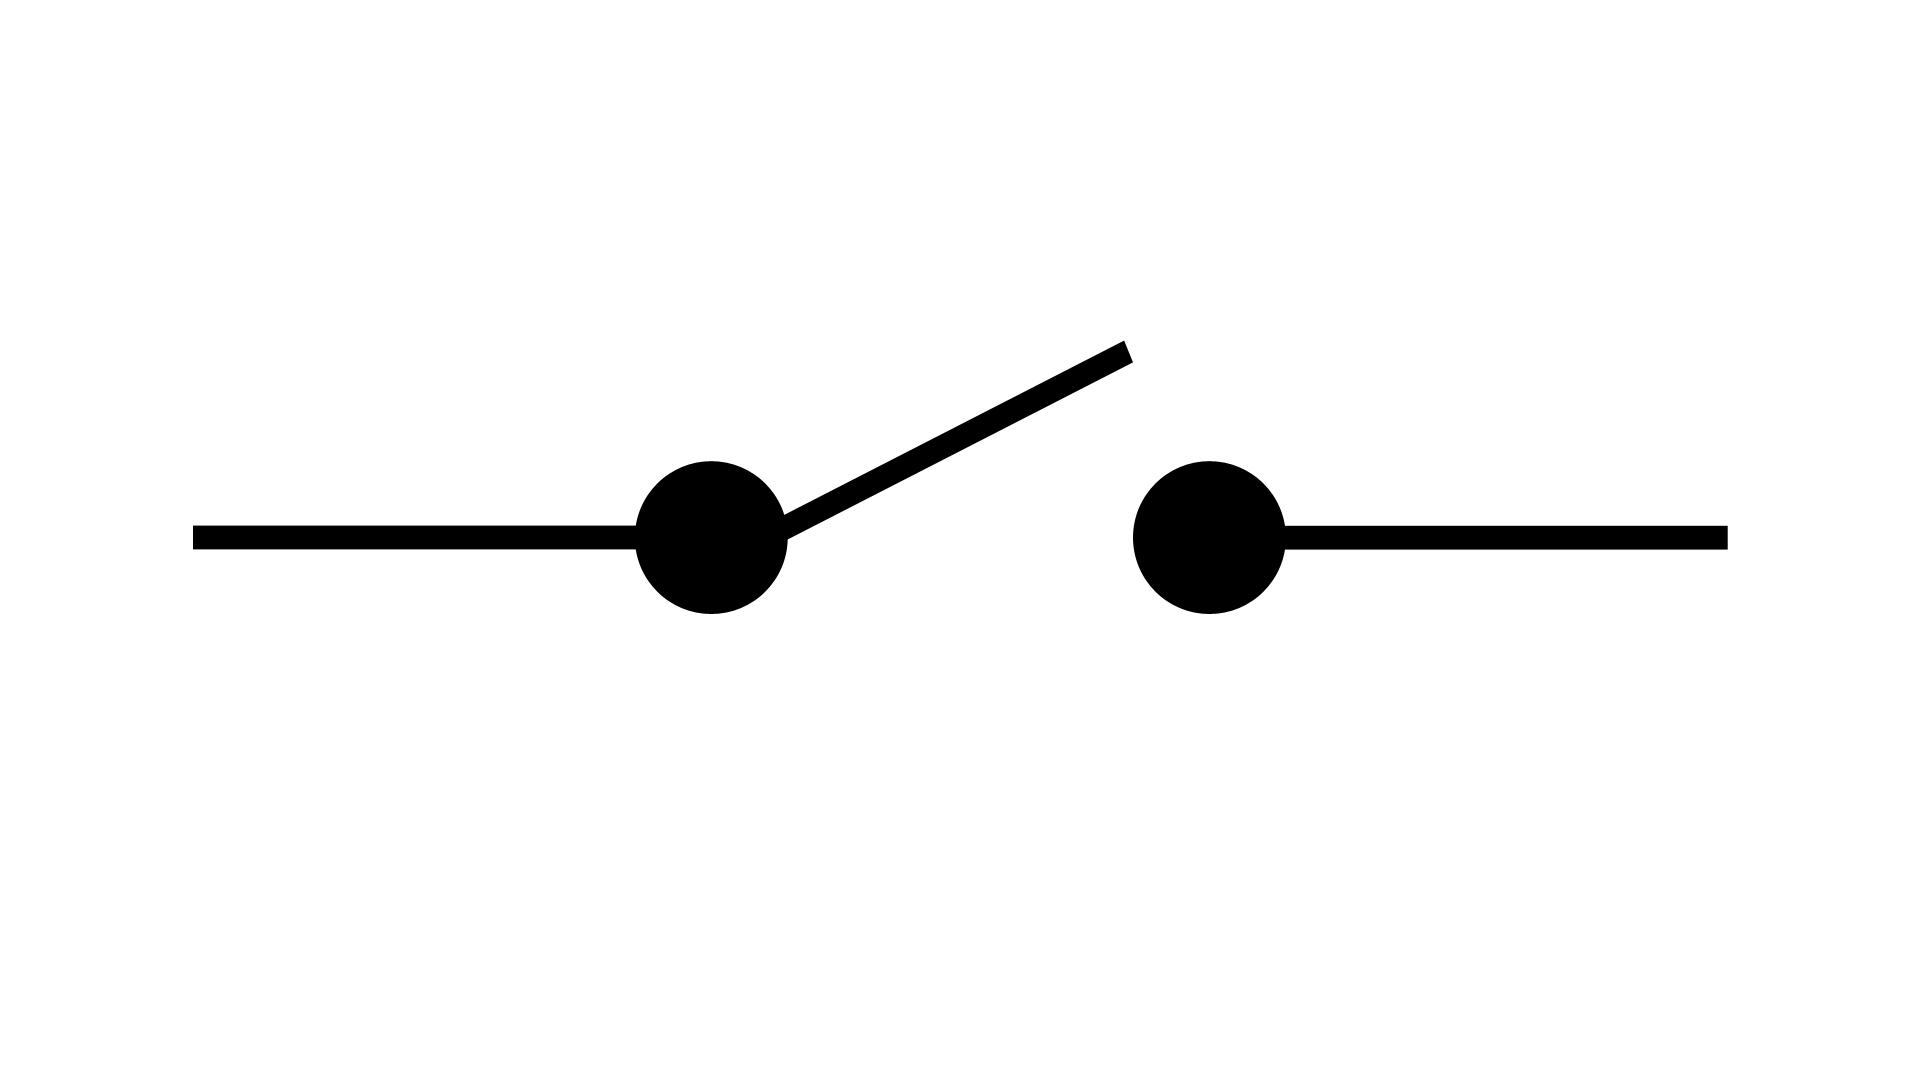 Schéma circuit électrique ouvert